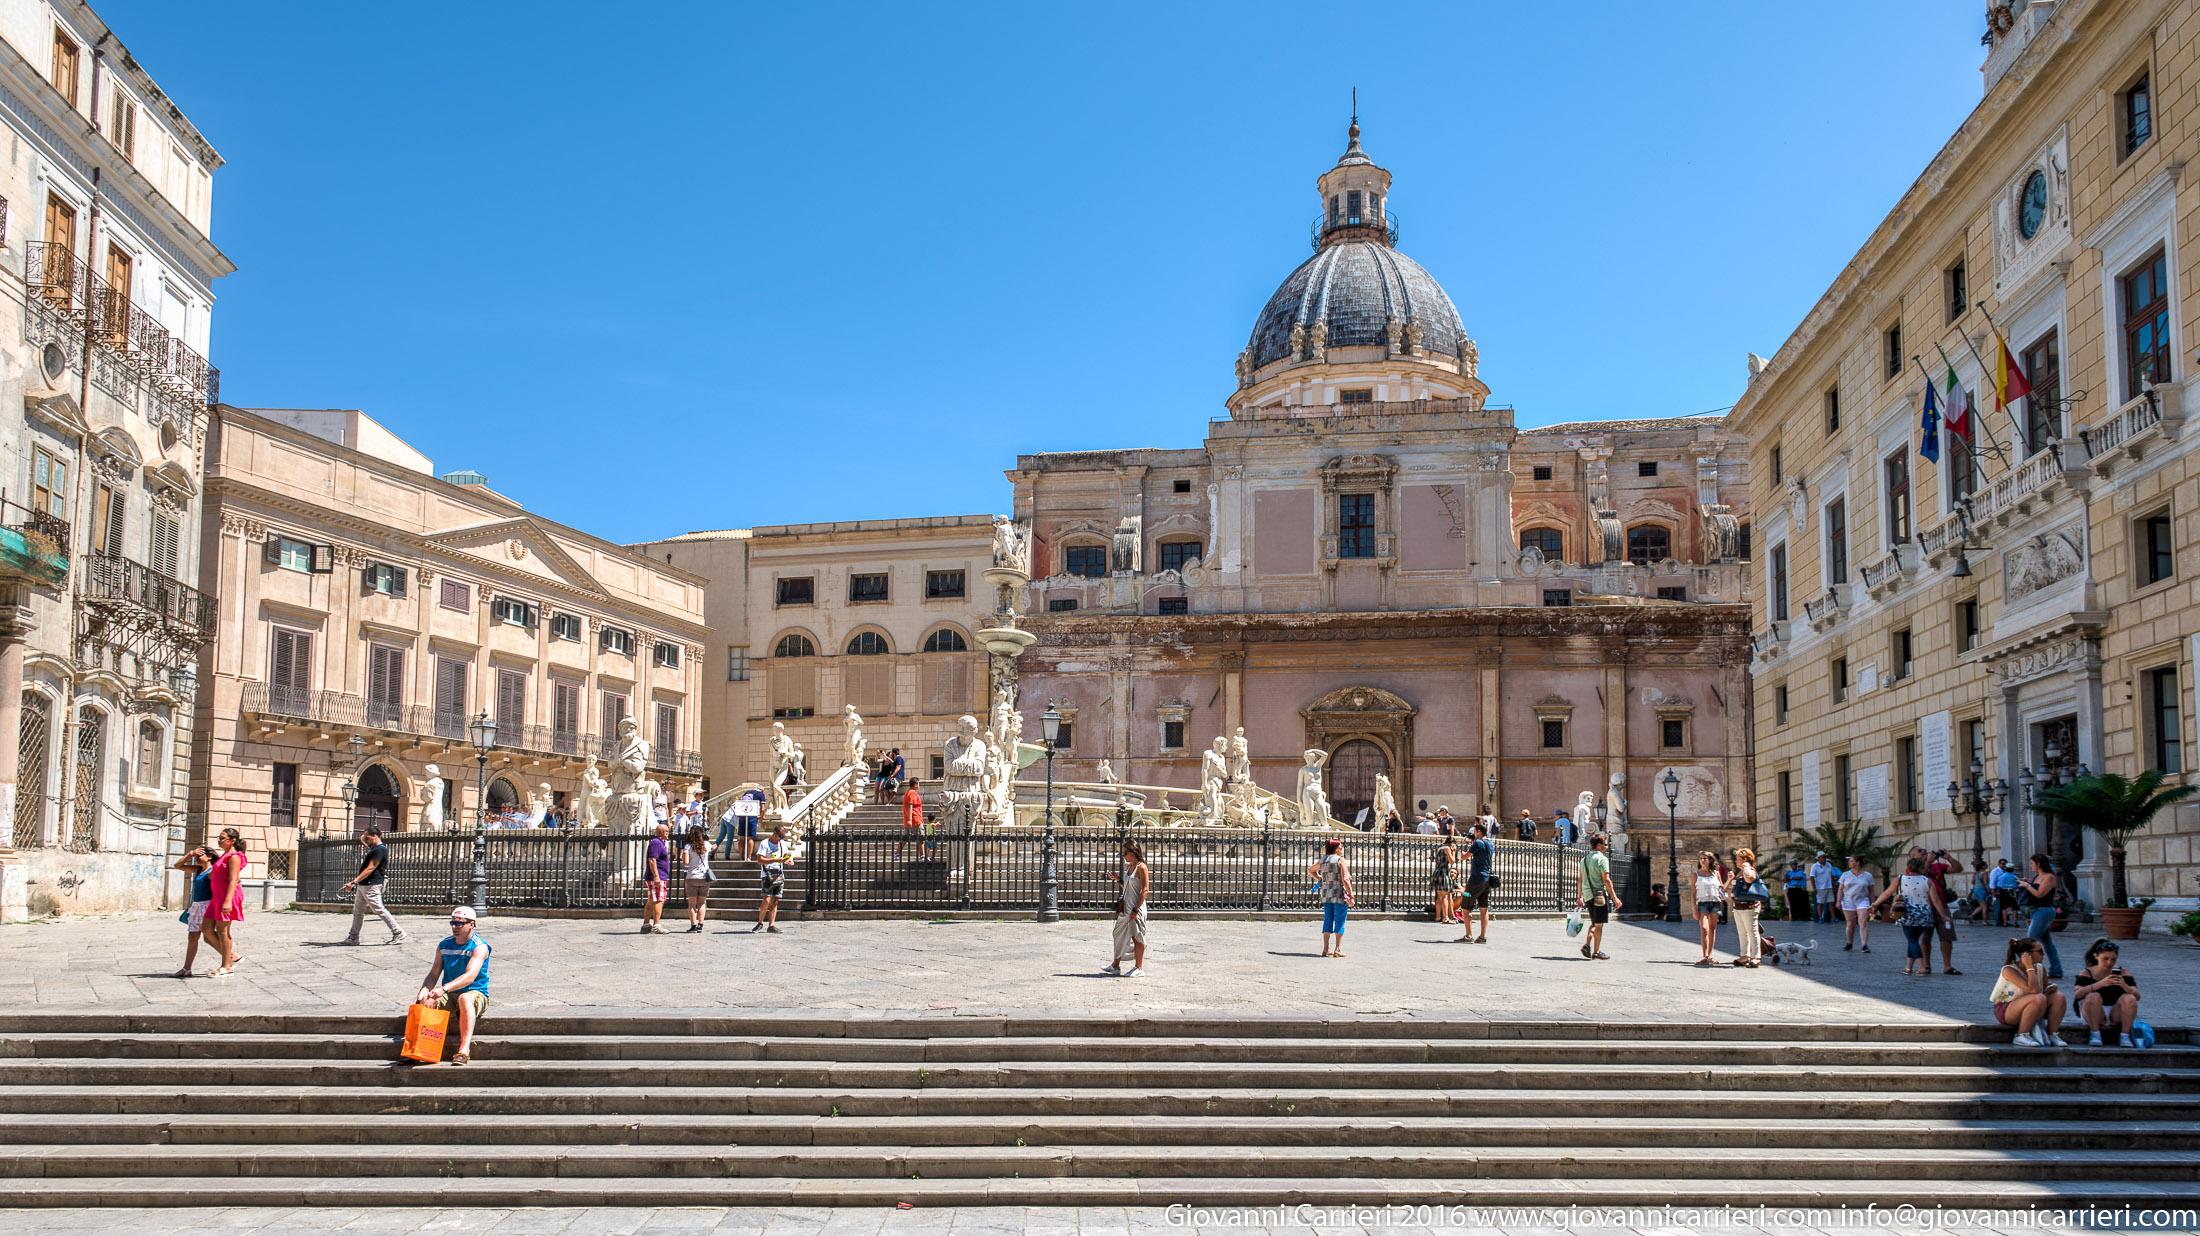 La piazza Pretoria a Palermo